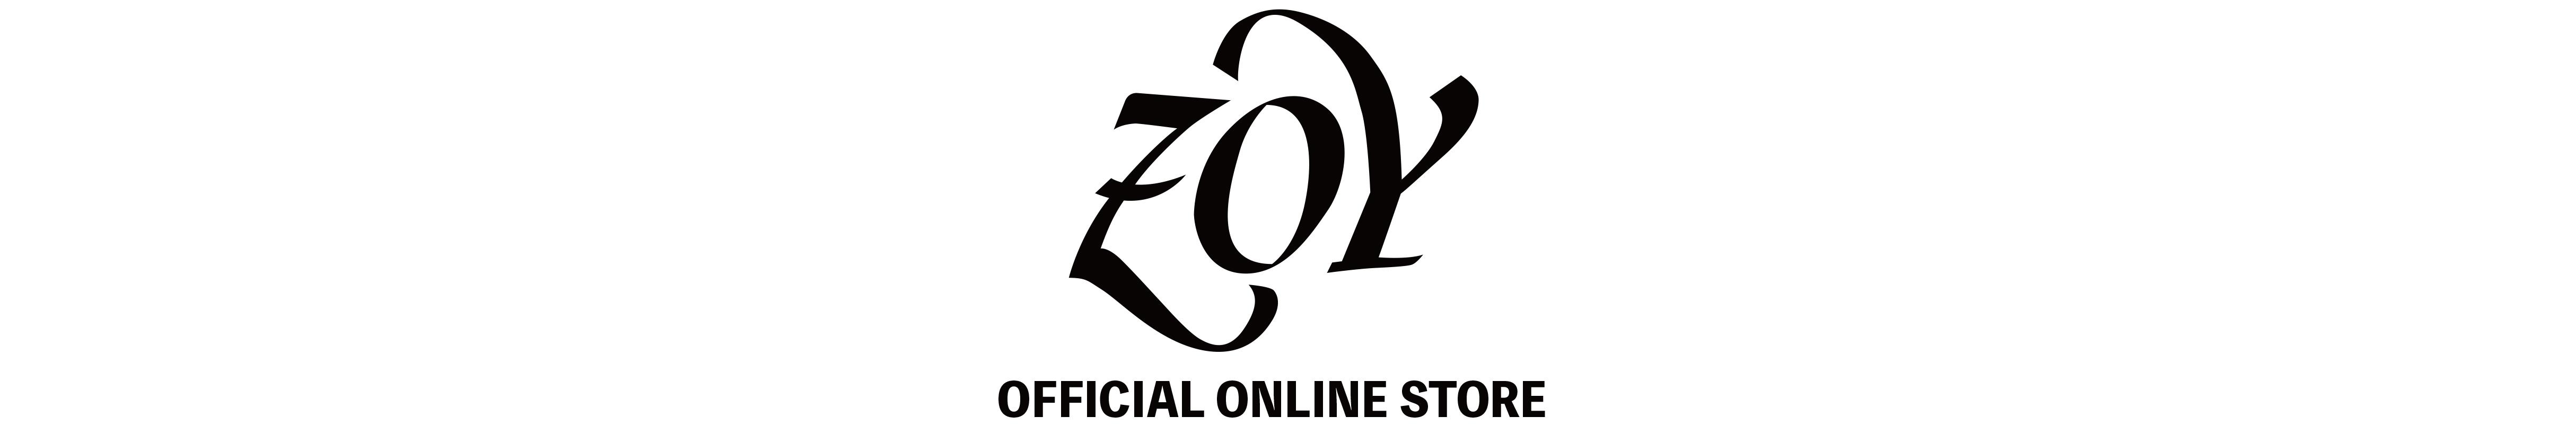 ZOY公式オンラインストア